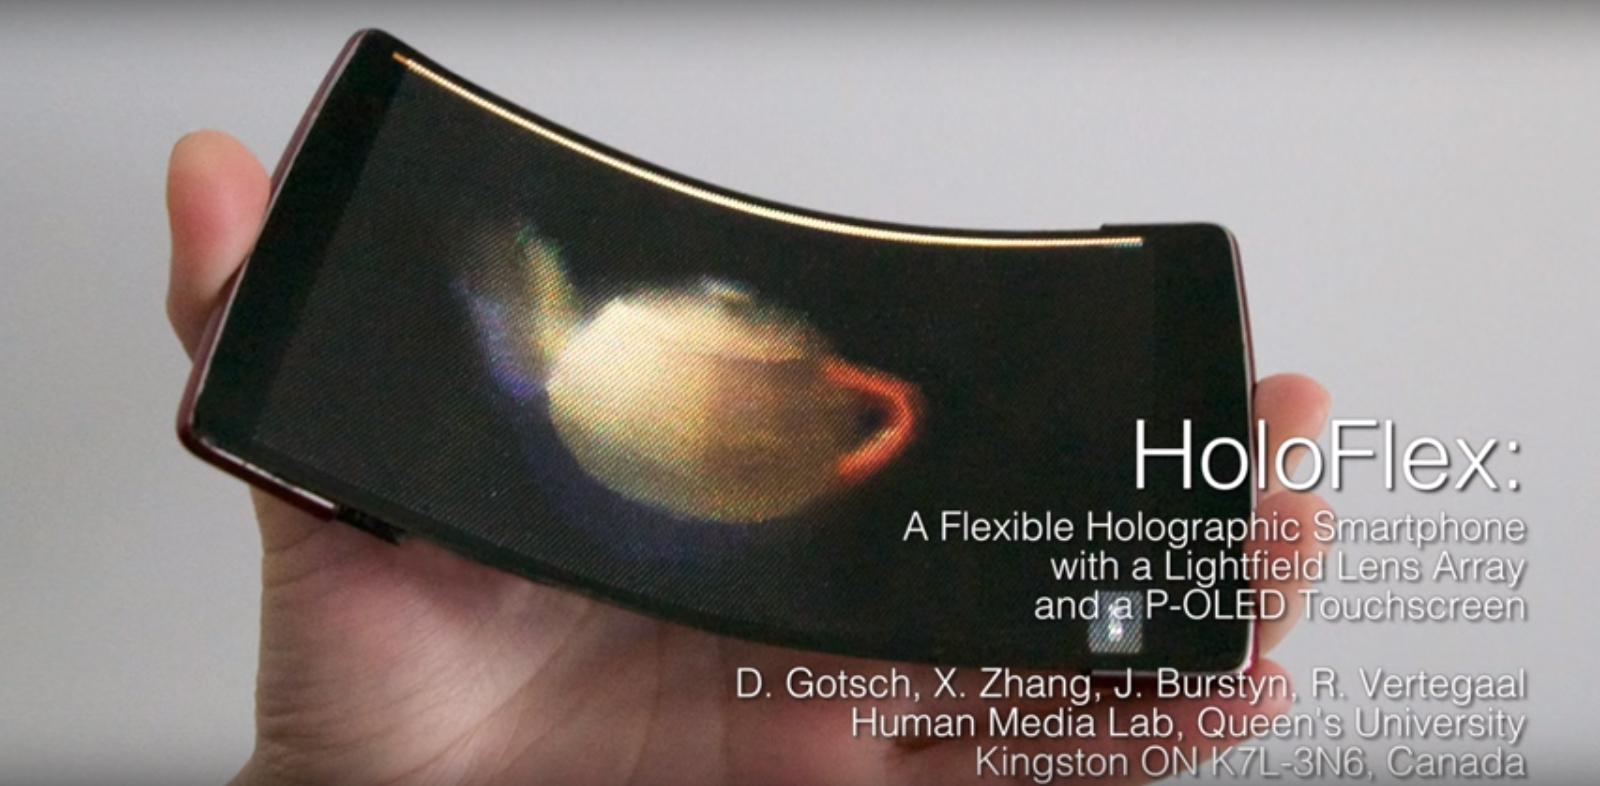 HoloFlex es un smartphone Android holografico y flexible 1